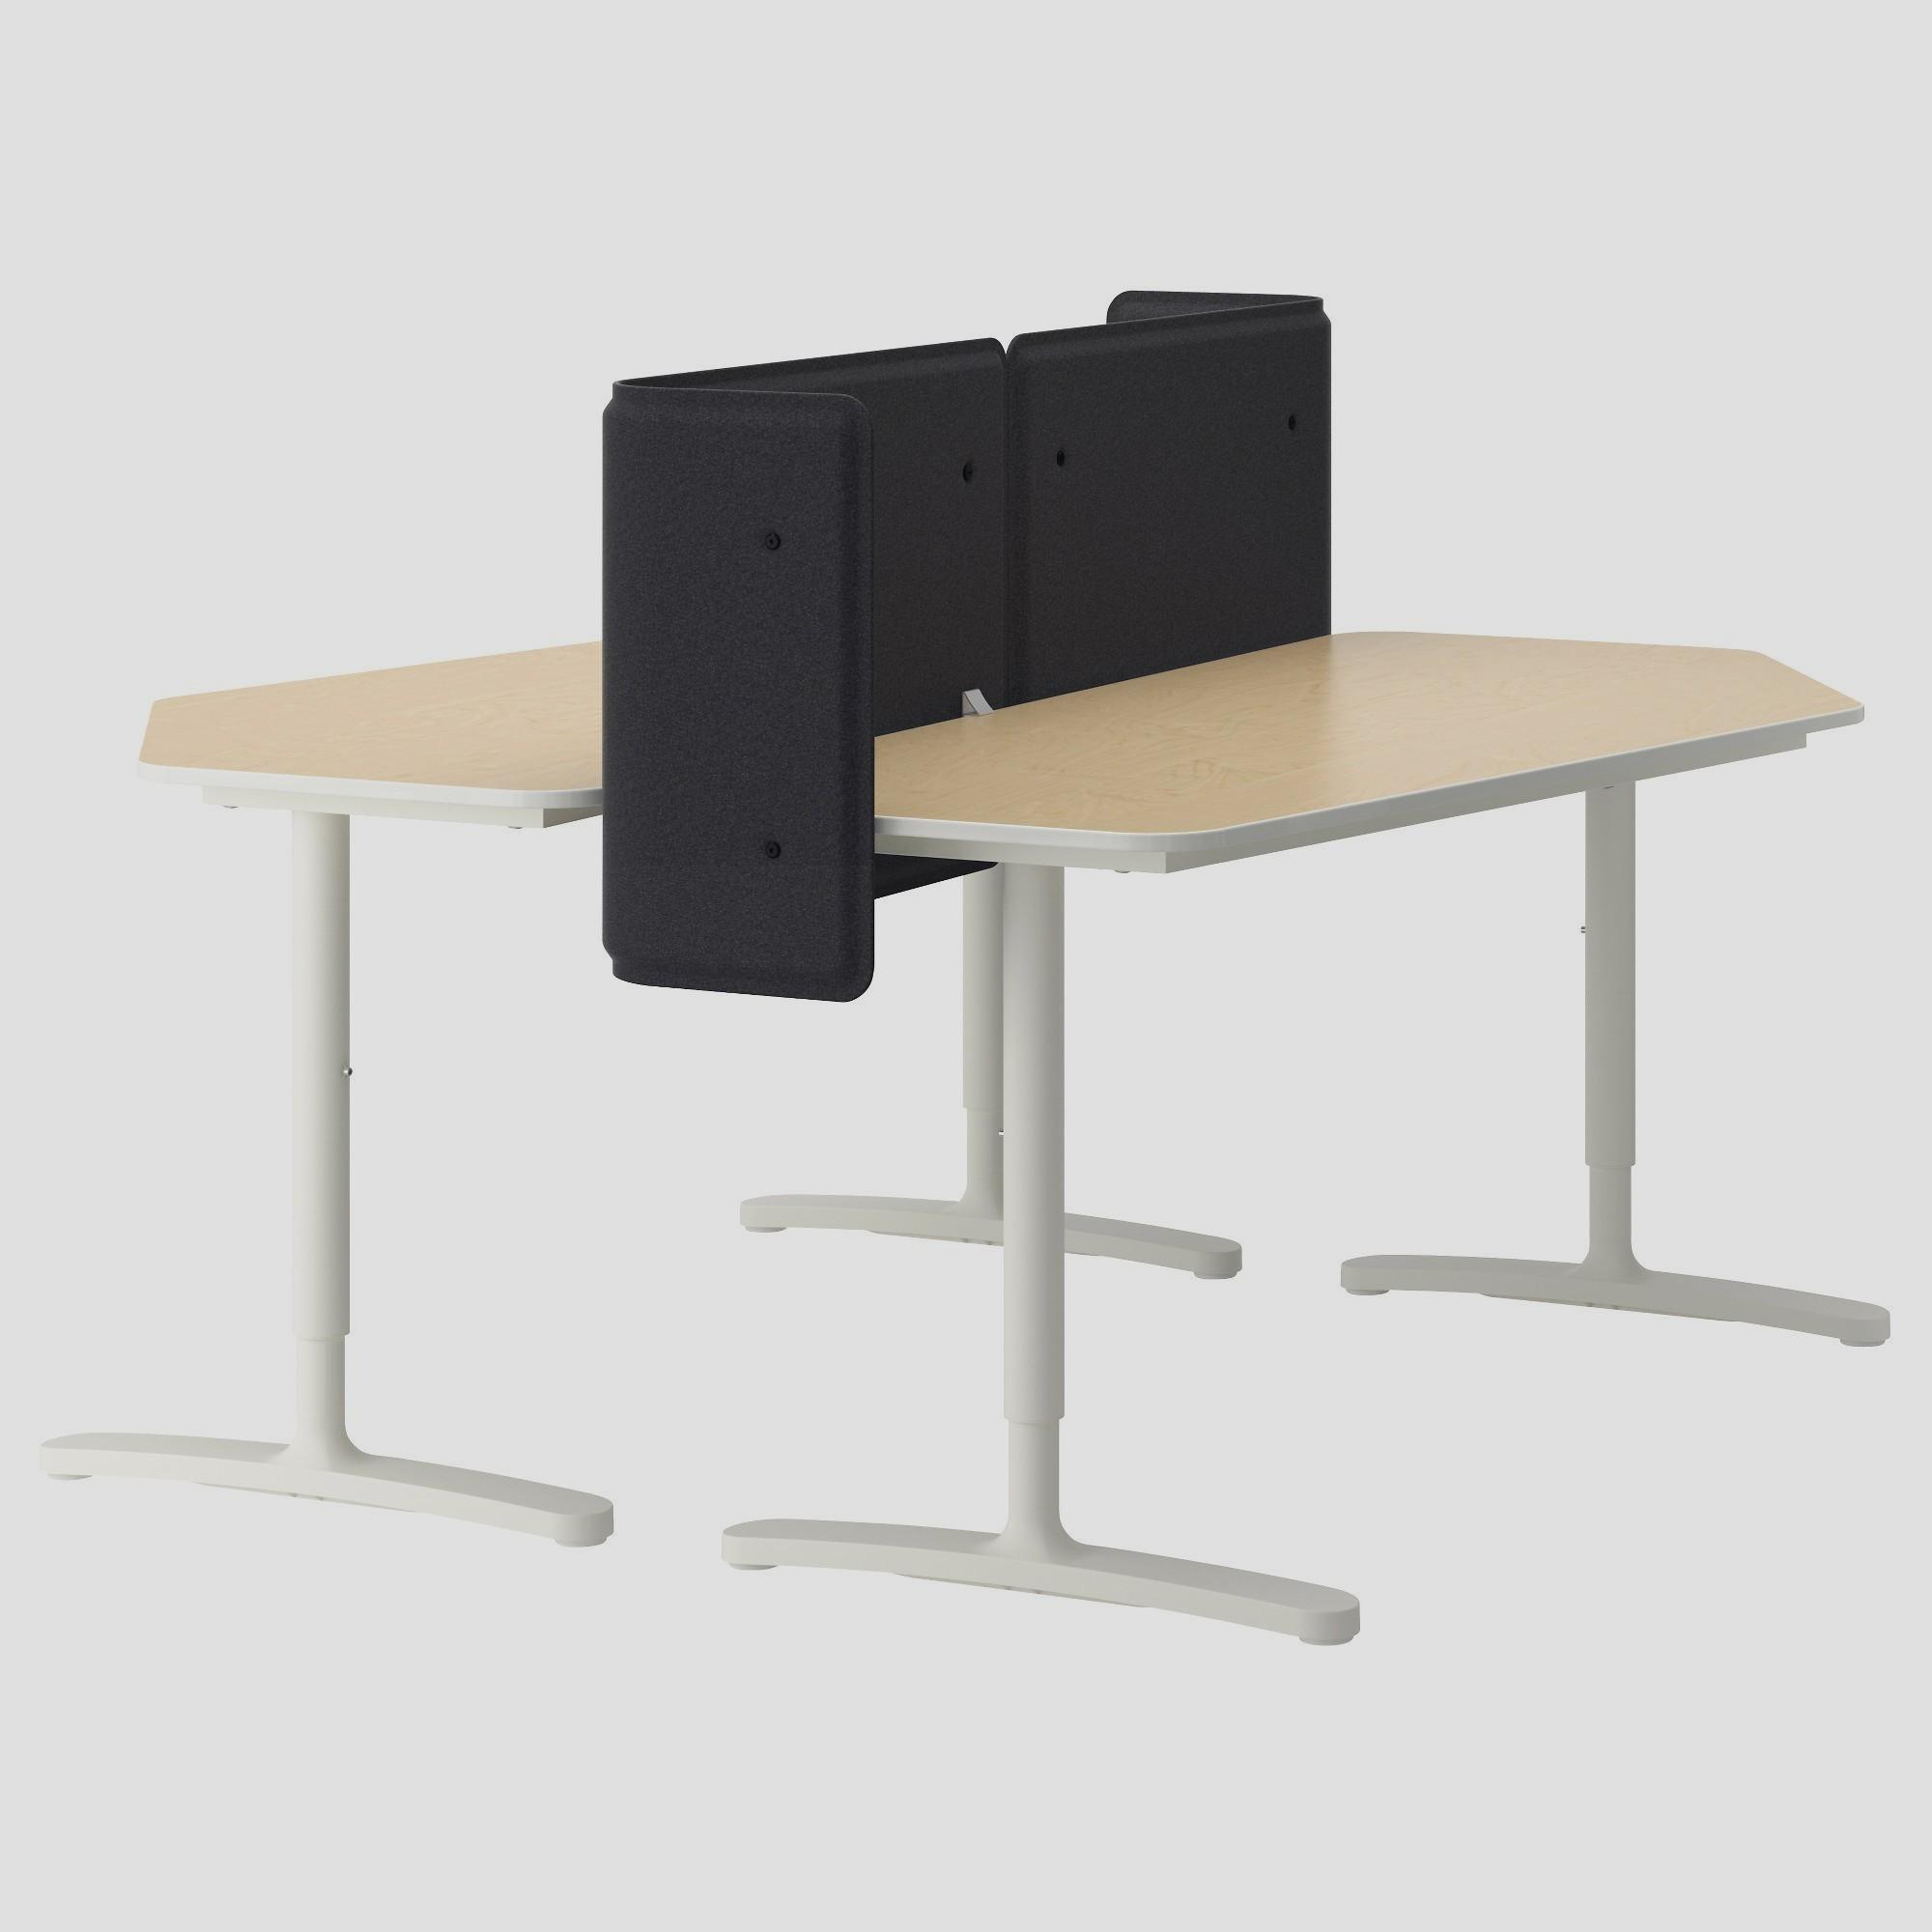 Full Size of Trennwand Ikea Schreibtisch Dekorieren Modulküche Betten 160x200 Küche Kosten Garten Glastrennwand Dusche Miniküche Sofa Mit Schlaffunktion Kaufen Bei Wohnzimmer Trennwand Ikea